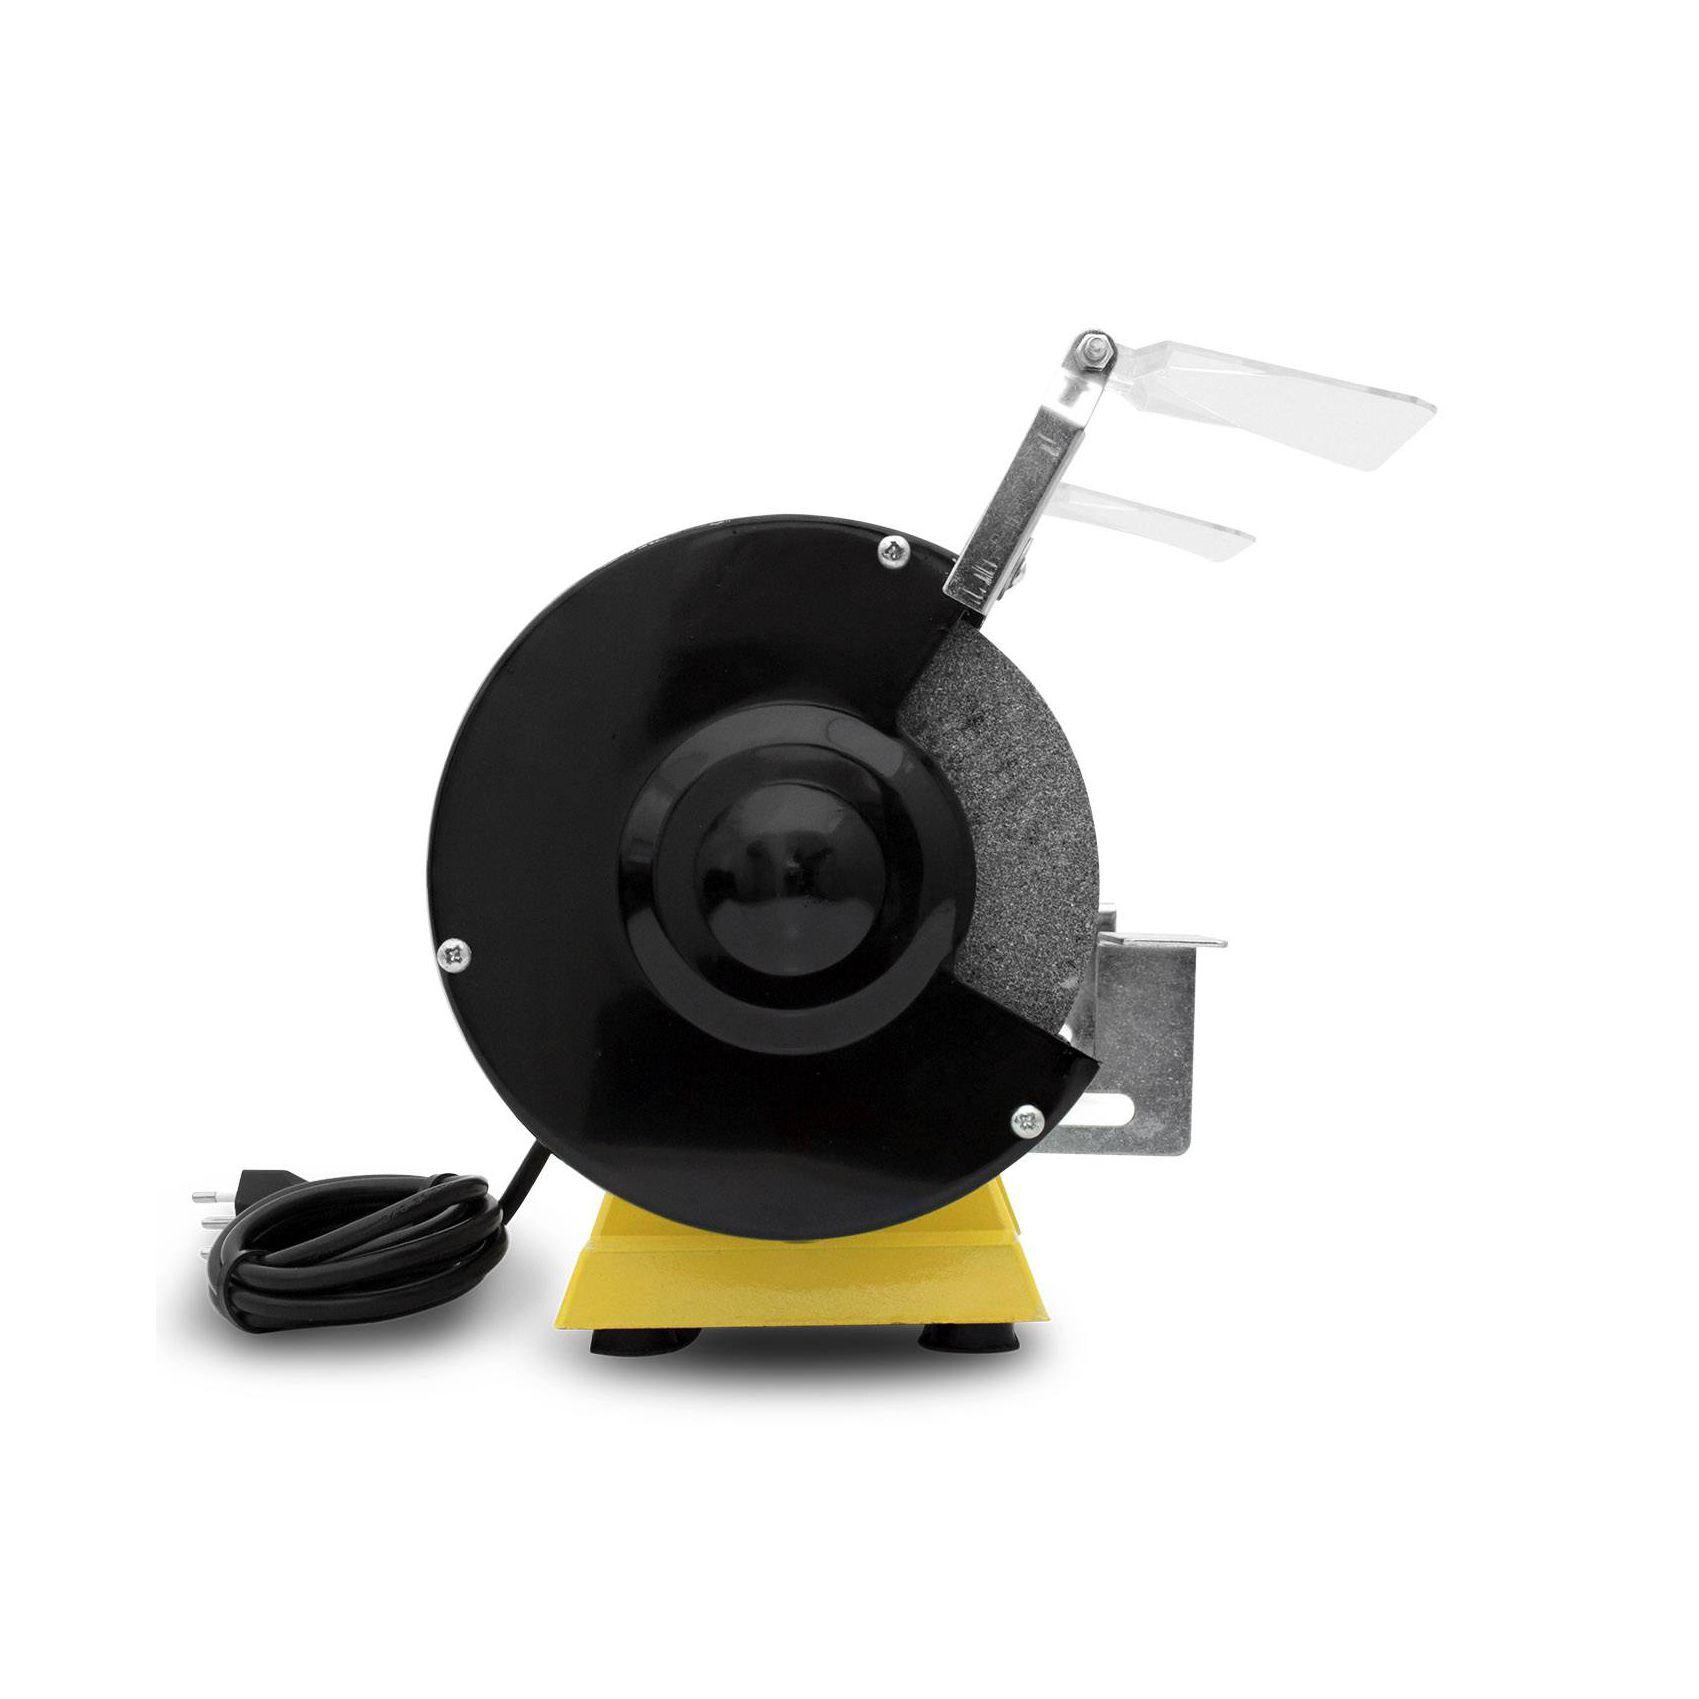 Motoesmeril 360W Amolador De Banco Bivolt 3450rpm Hammer